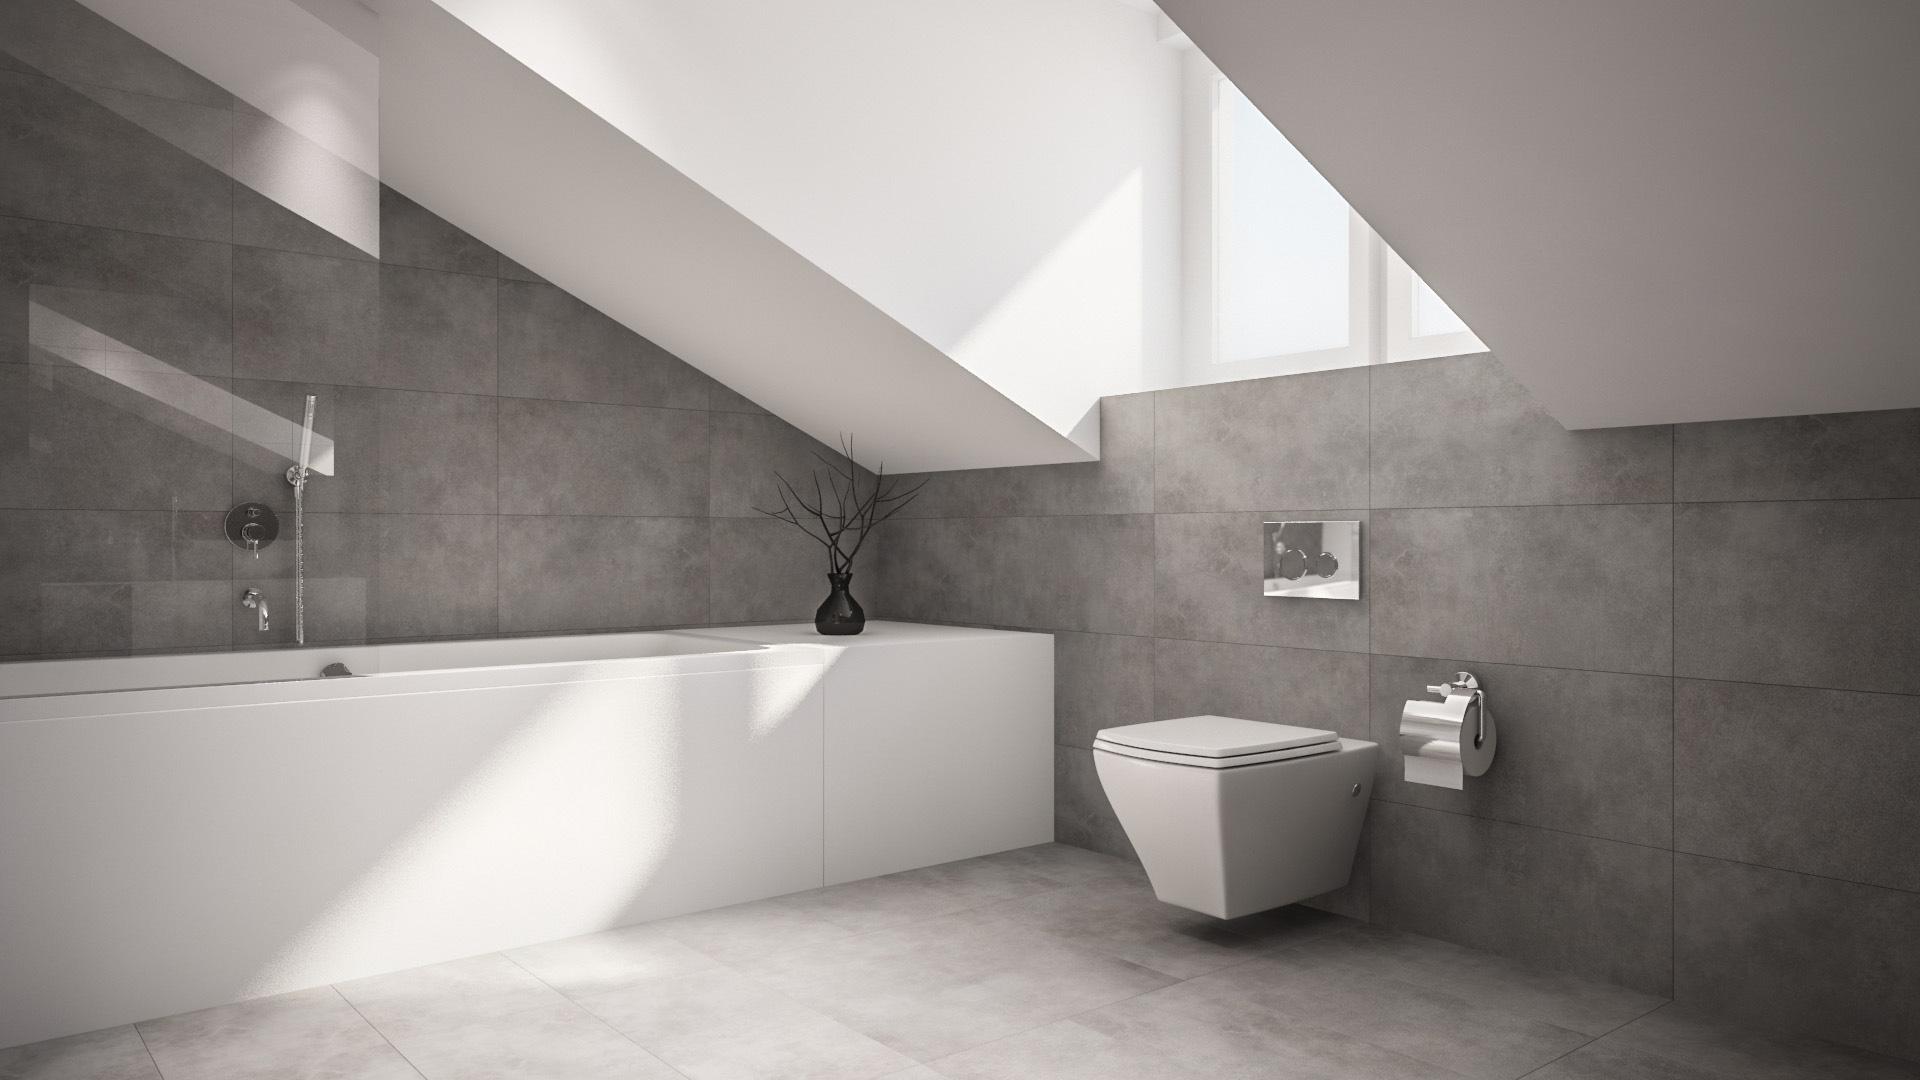 C3 Concept, visualisation 3D à Bulle. cressier villa individuelle intérieur